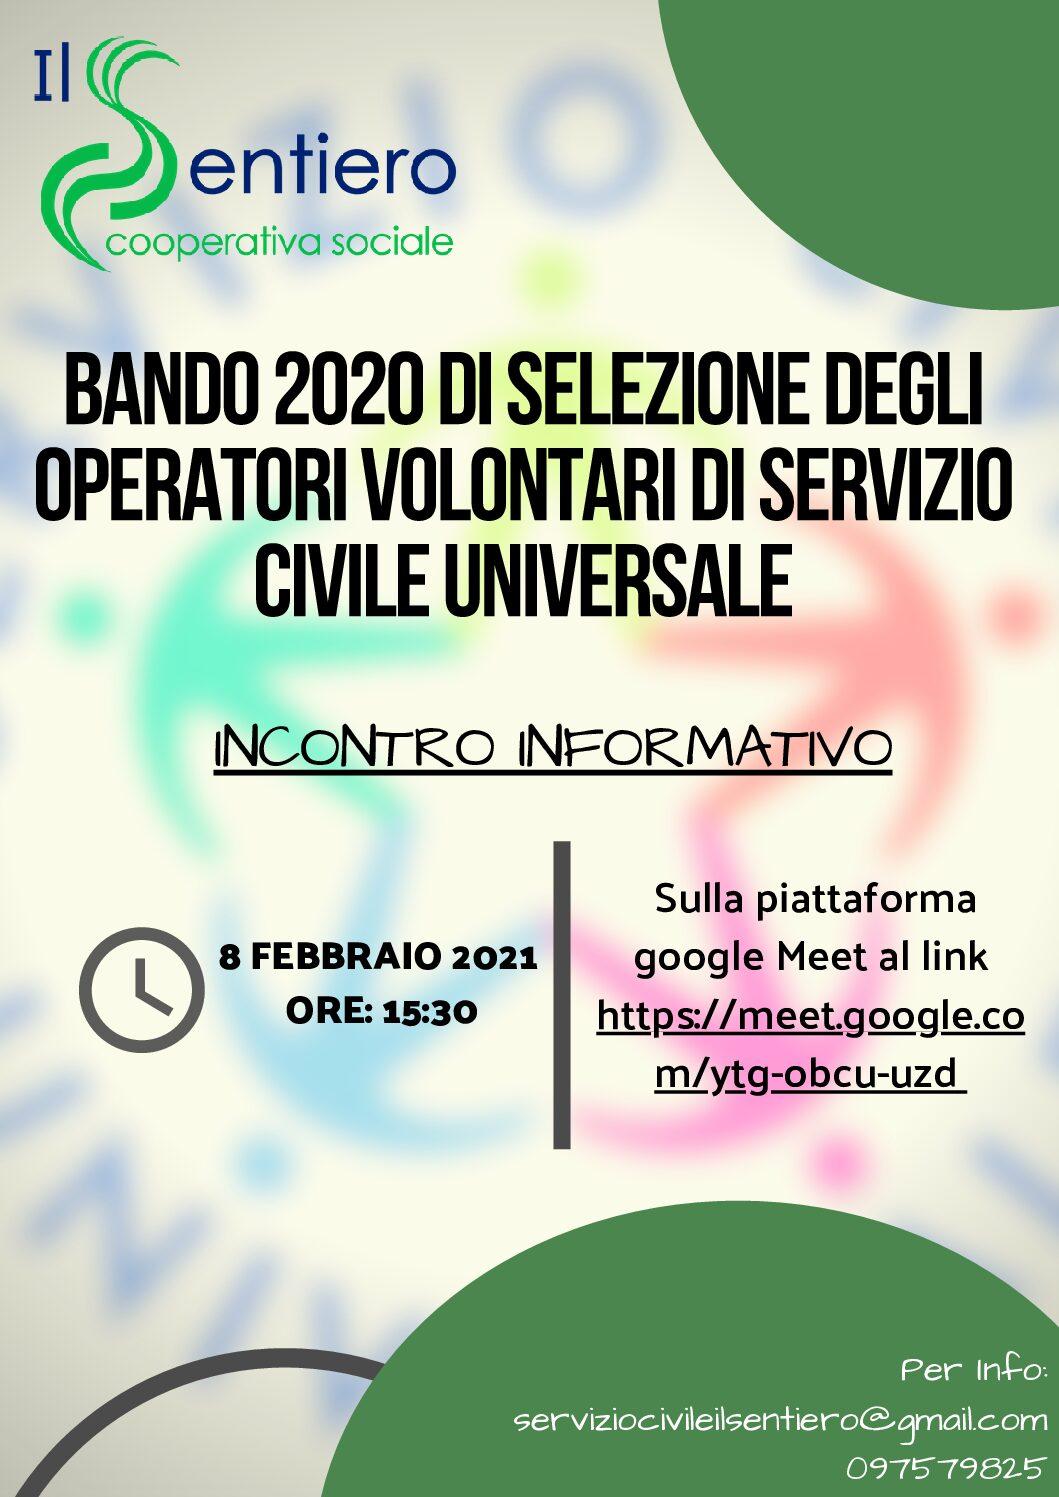 Bando Servizio Civile 2020- Incontro informativo